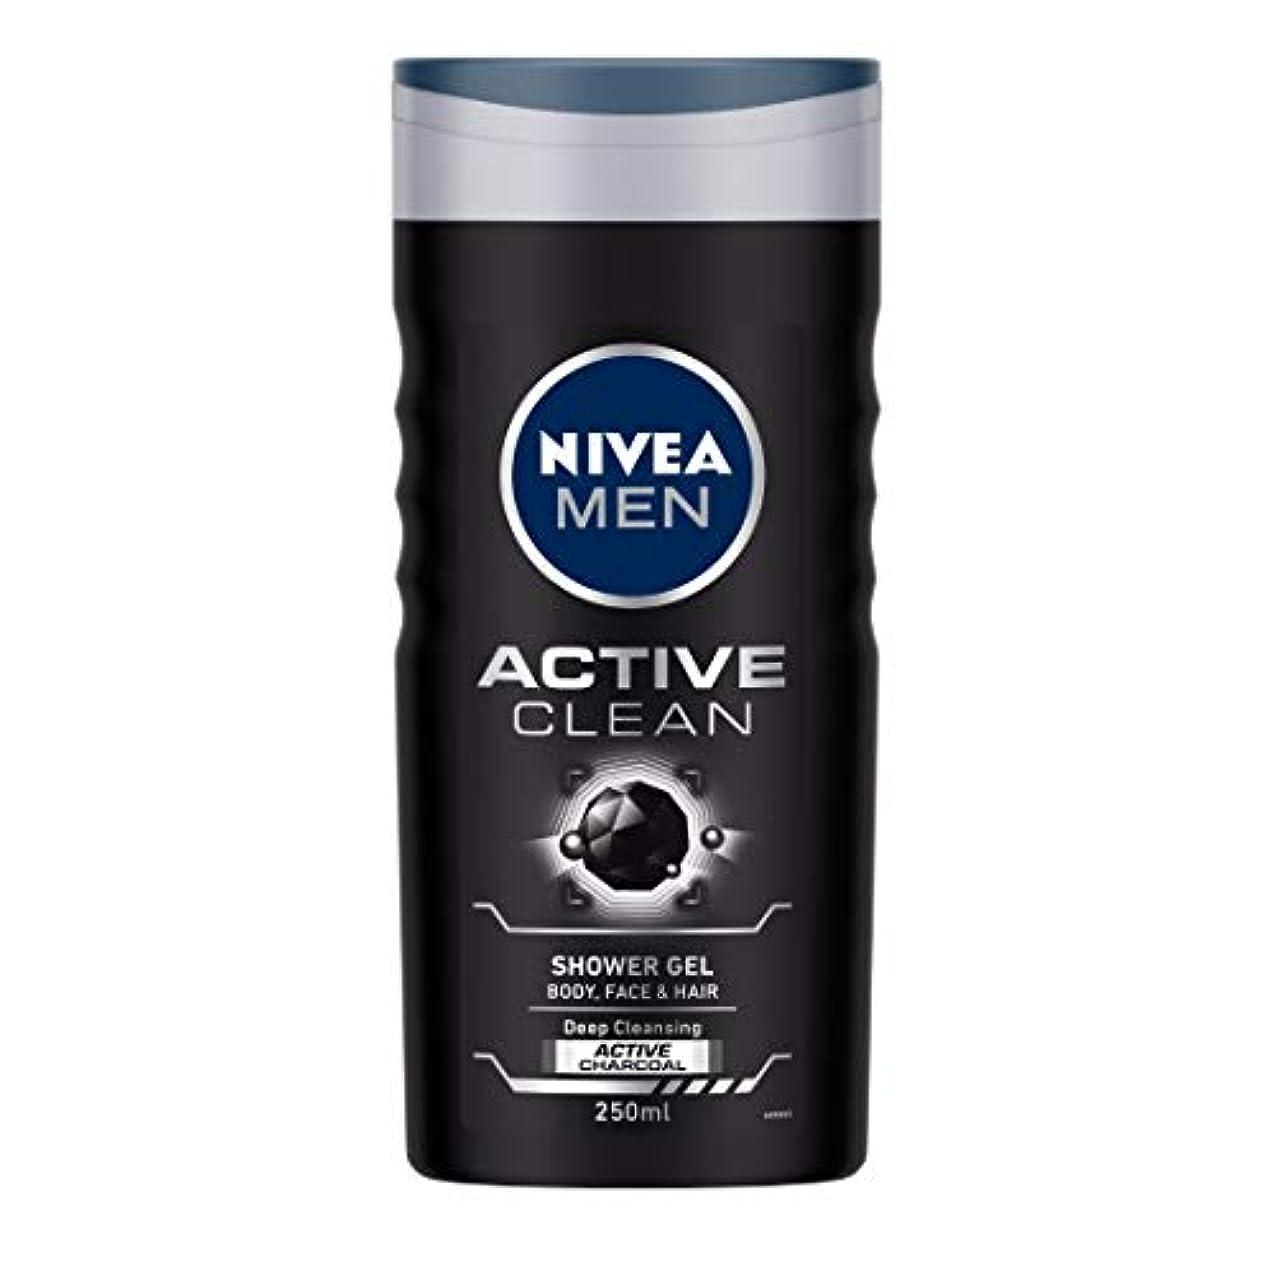 告白勇者衝突Nivea Men Active Clean Shower Gel, 250ml